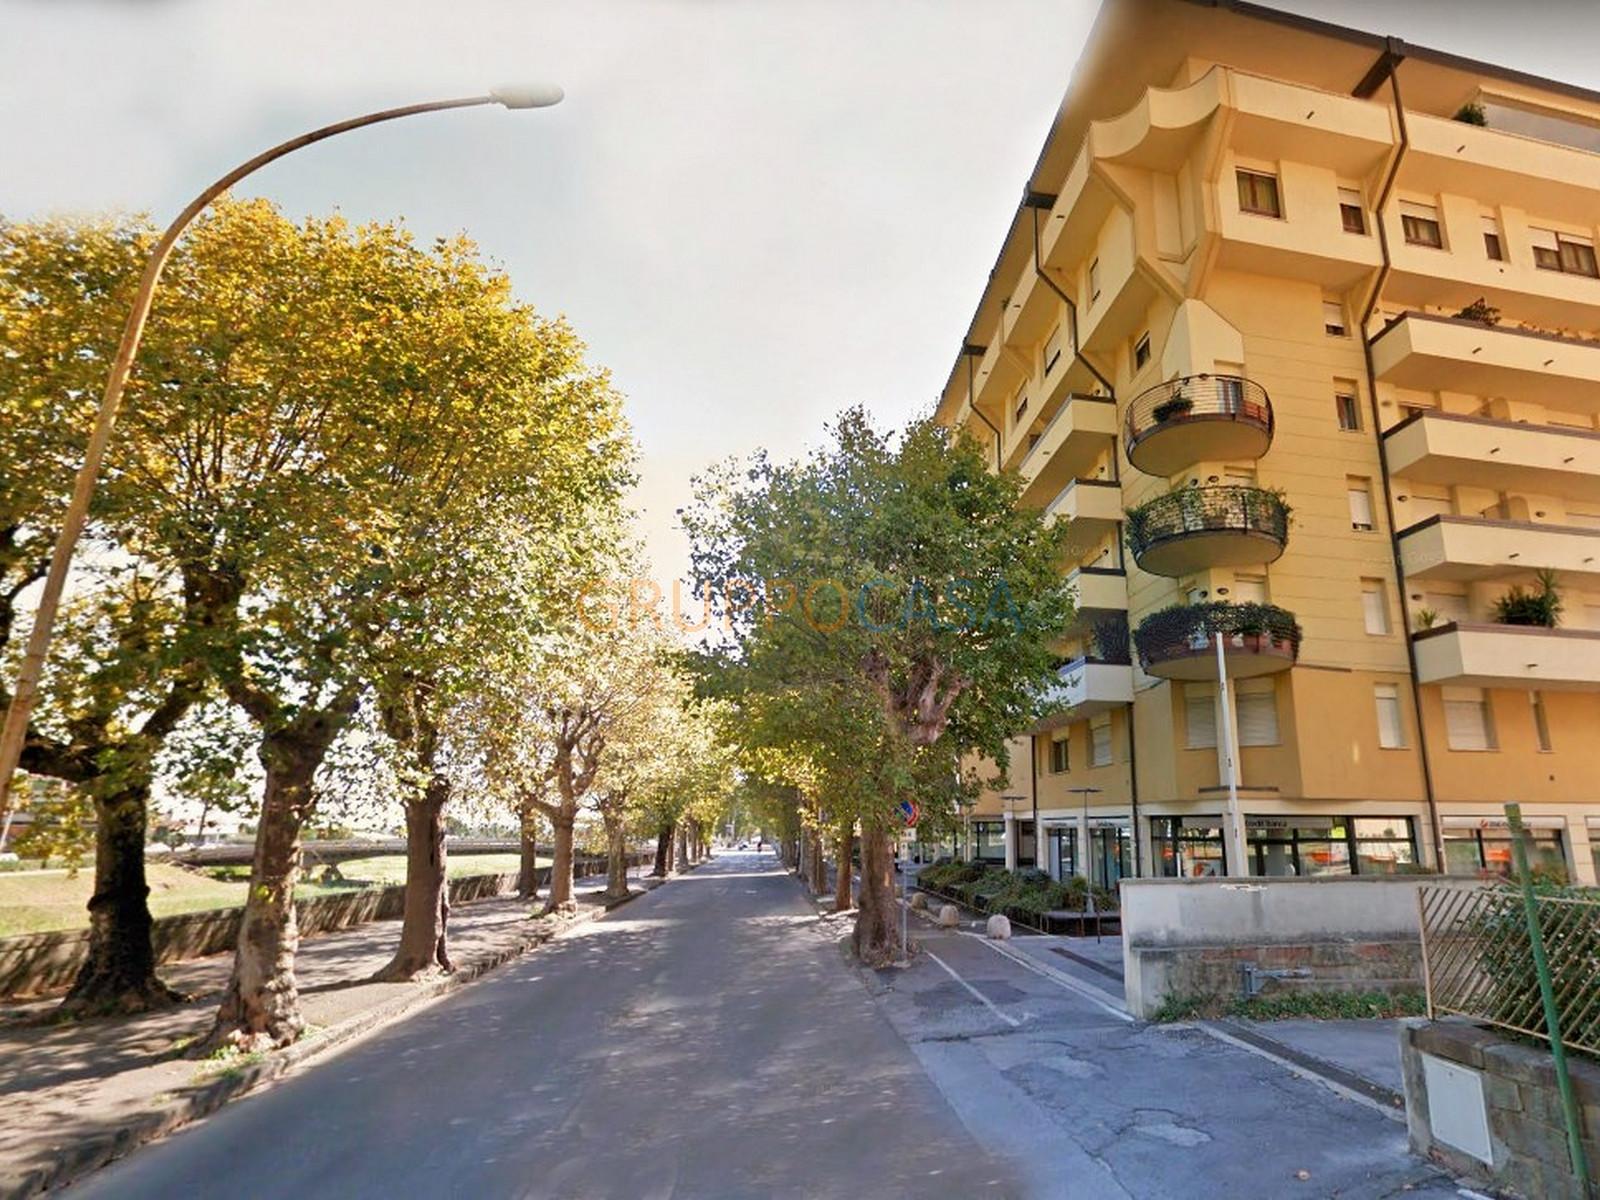 Ufficio / Studio in vendita a Pescia, 9999 locali, zona Località: Centro, prezzo € 98.800 | CambioCasa.it